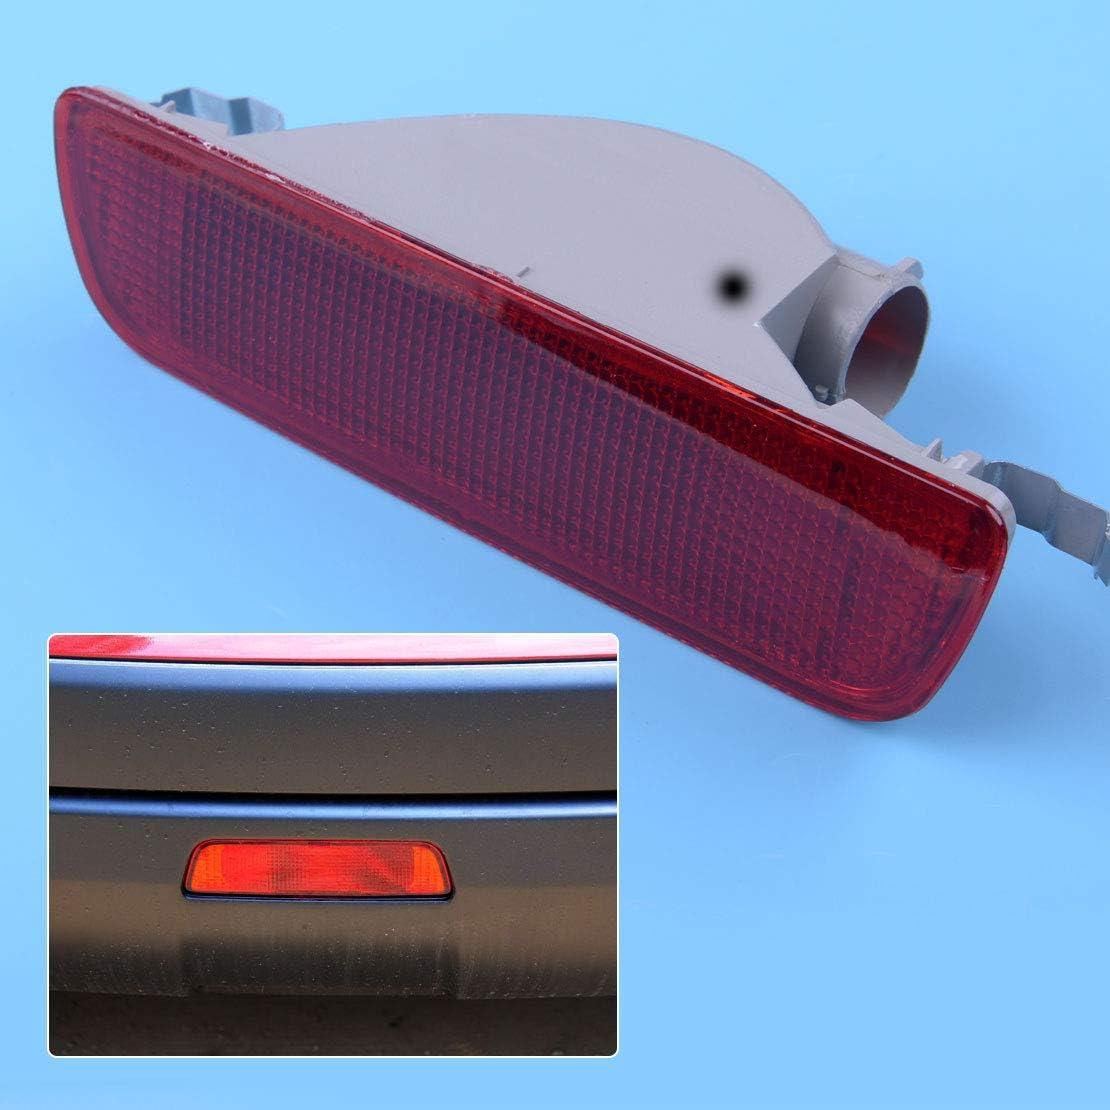 Camisin 1Pcs Car Rear Tail Central Bumper Reflector Fog Light Lamp Rear Reverse Lights for QASHQAI 2007-2013